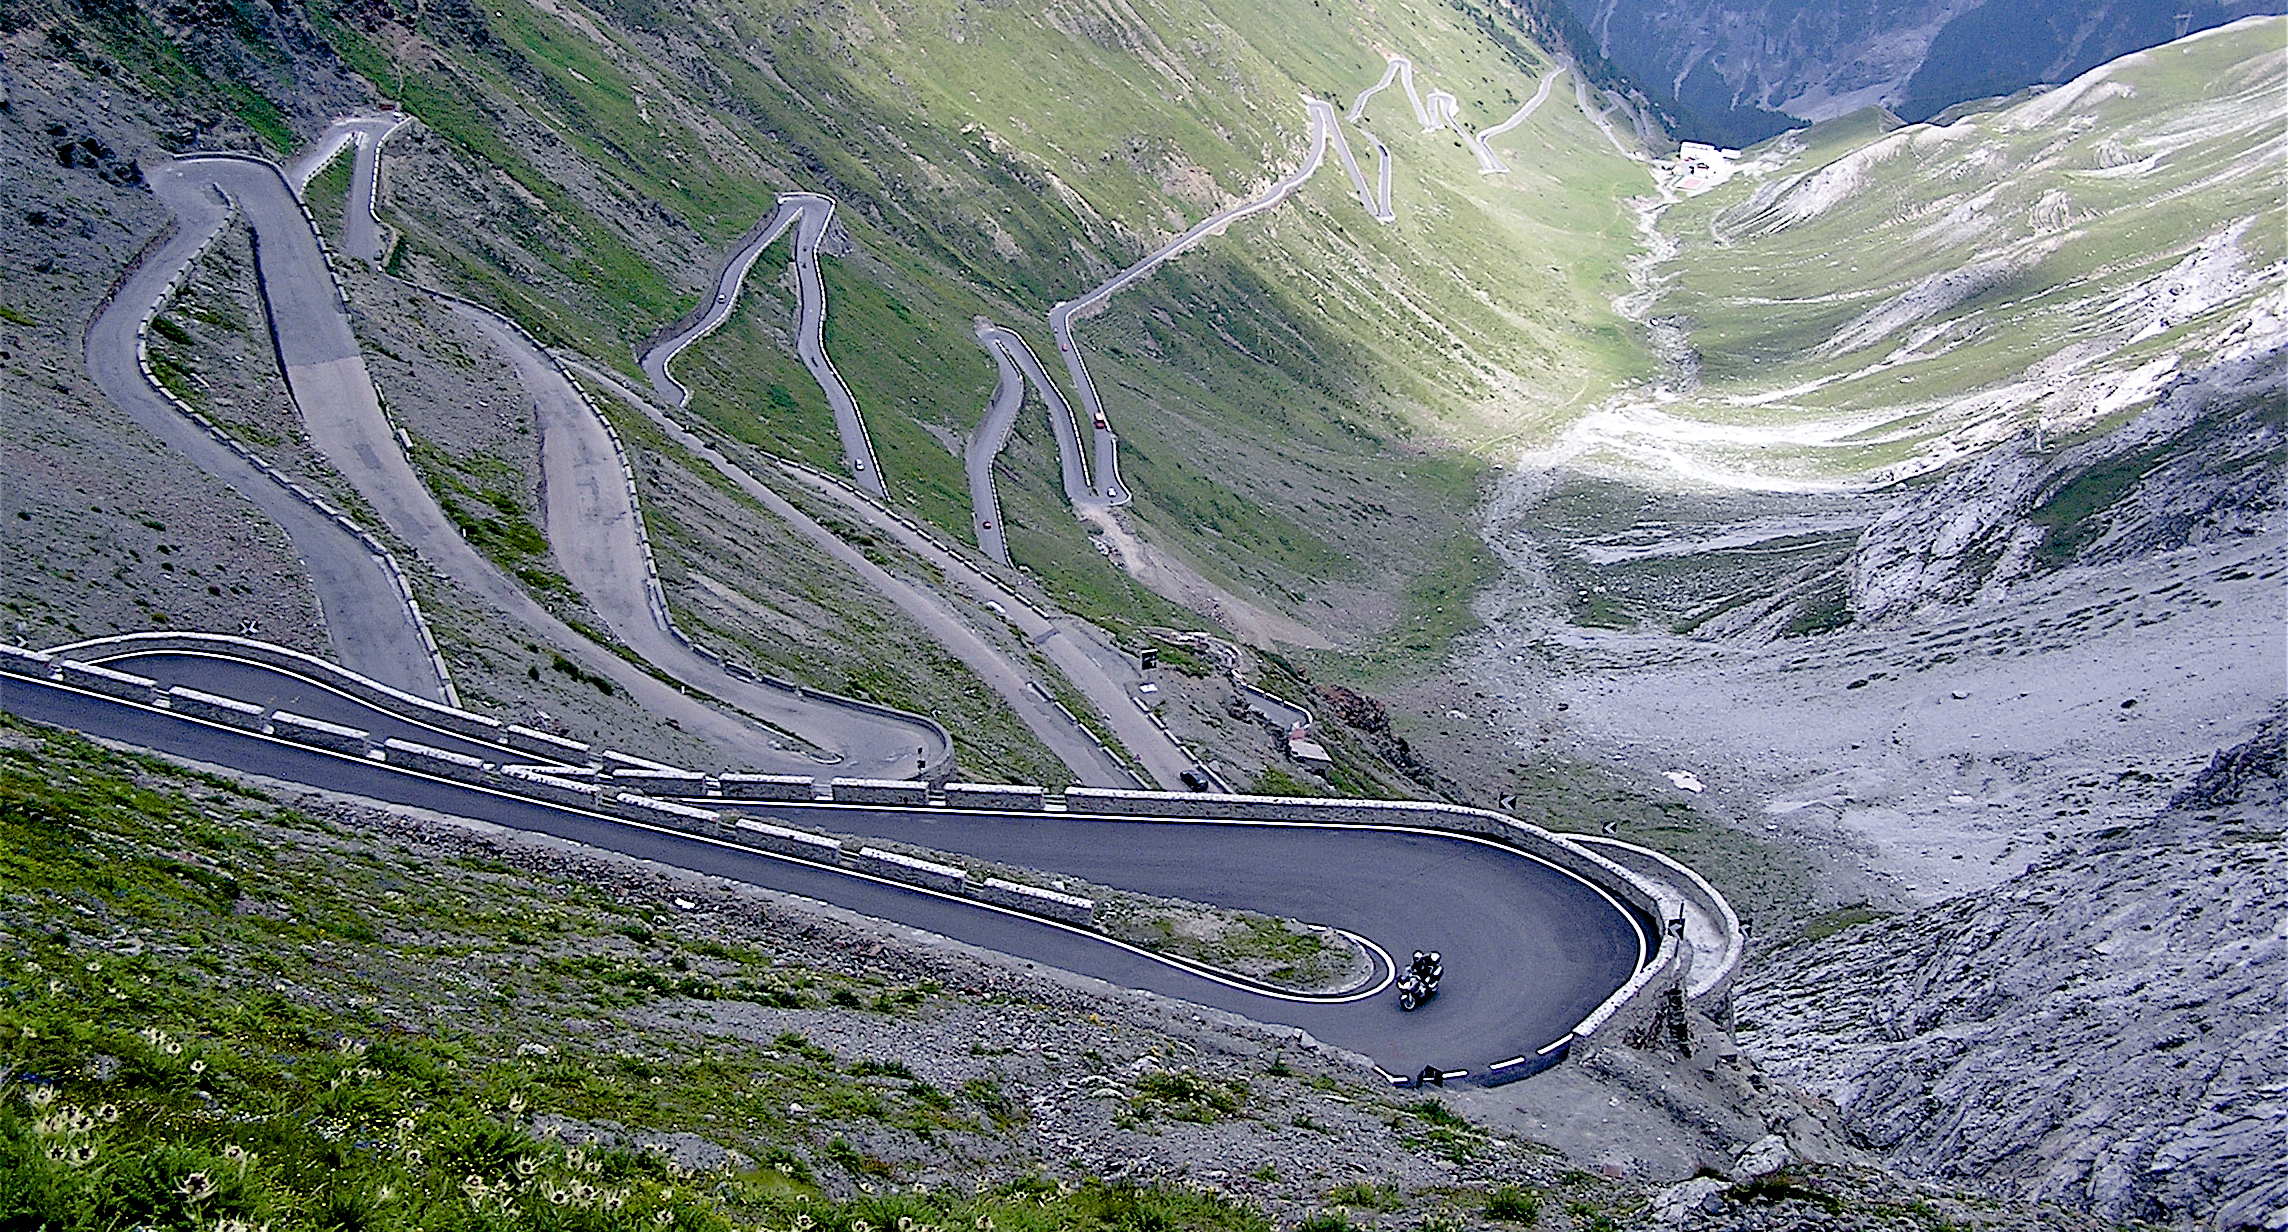 The Mighty Stelvio Pass the Alps